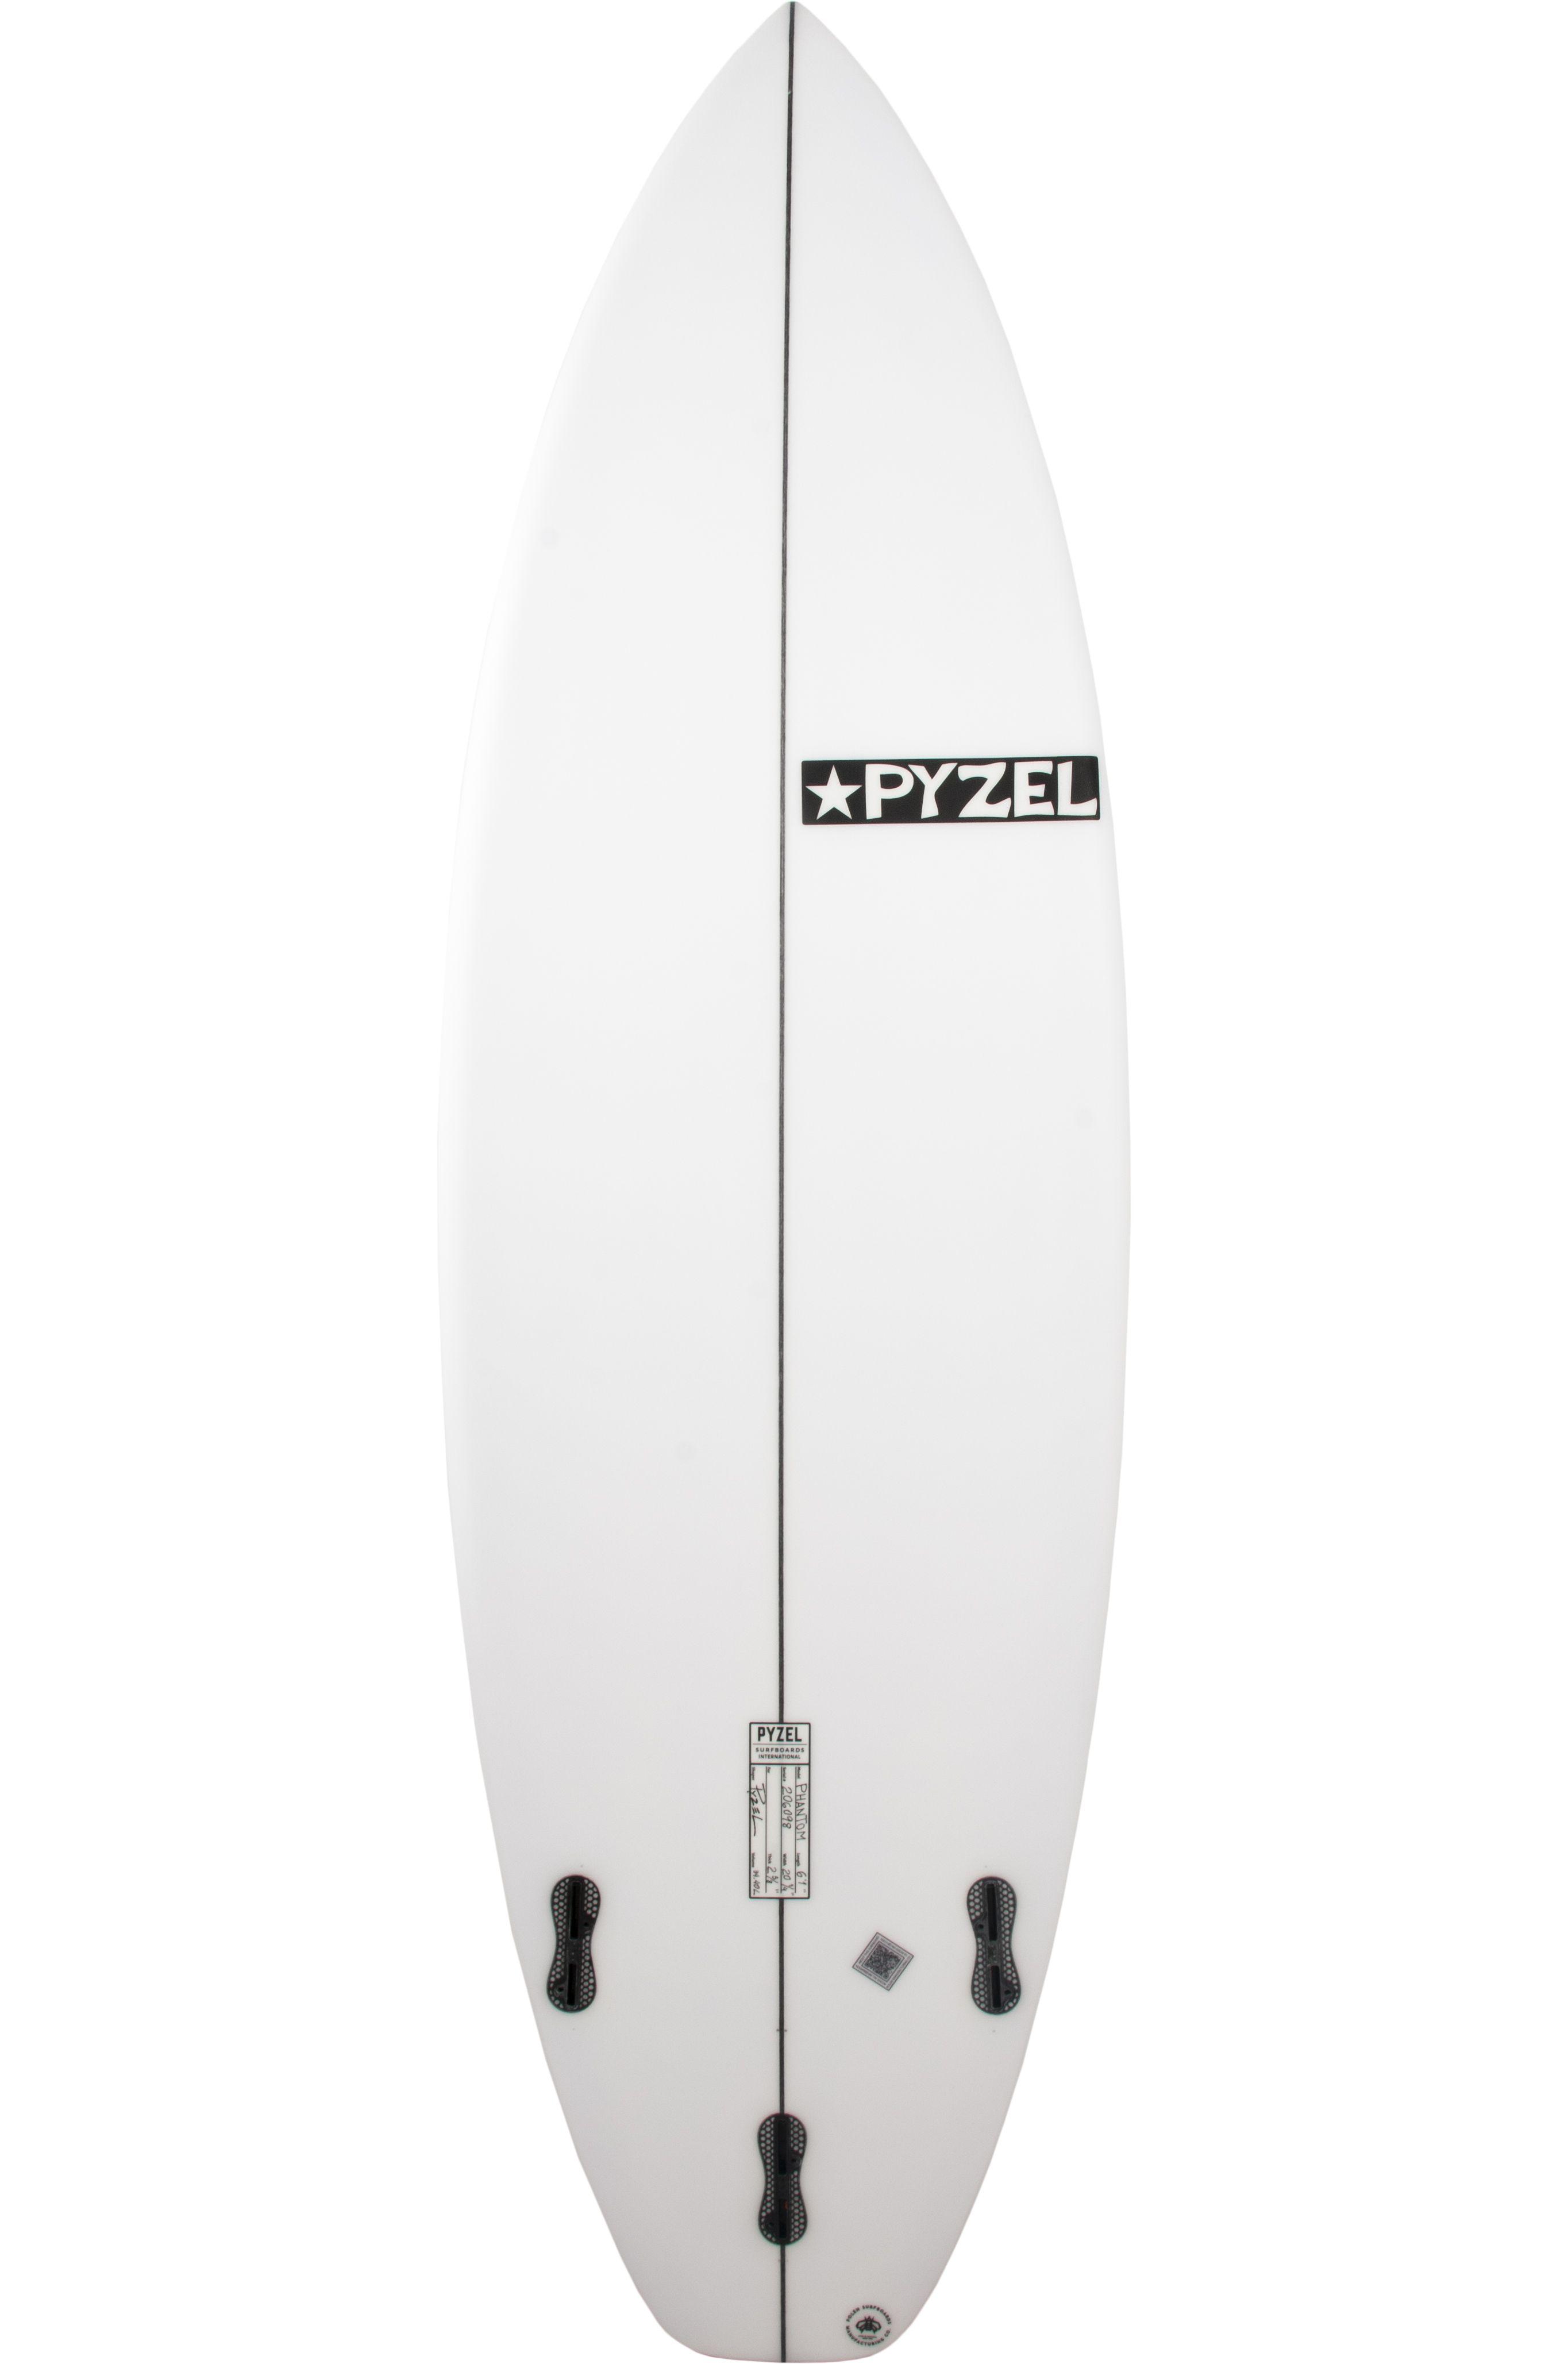 Prancha Surf Pyzel PHANTOM 6'2 Squash Tail - White FCS II 6ft2